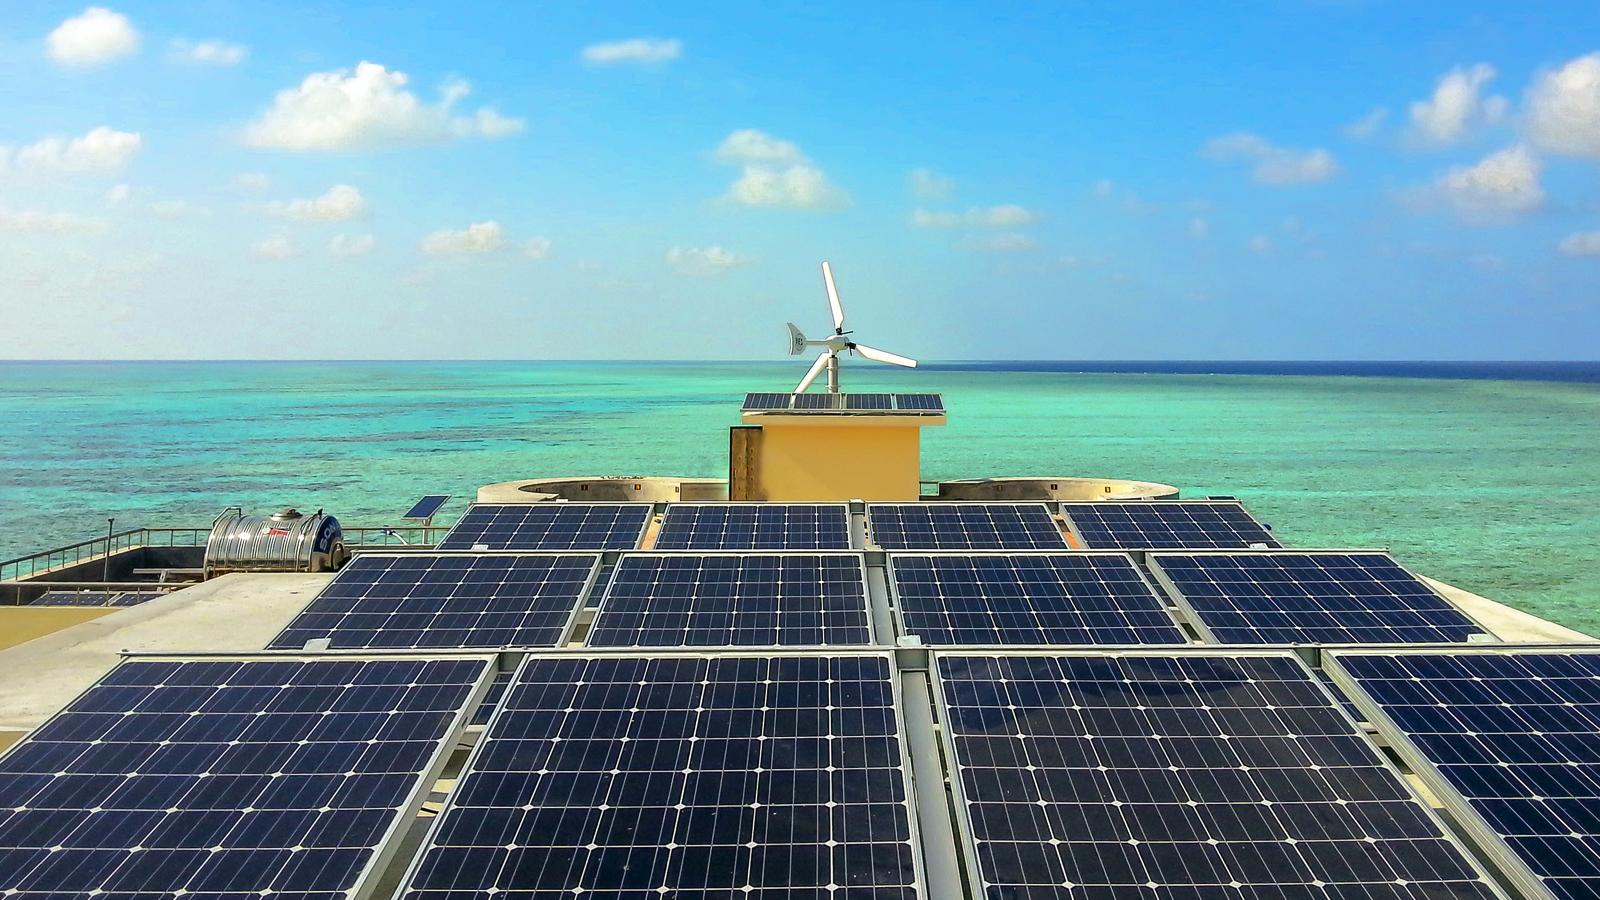 Điện năng lượng mặt trời kết hợp điện gió tại quần đảo Trường Sa